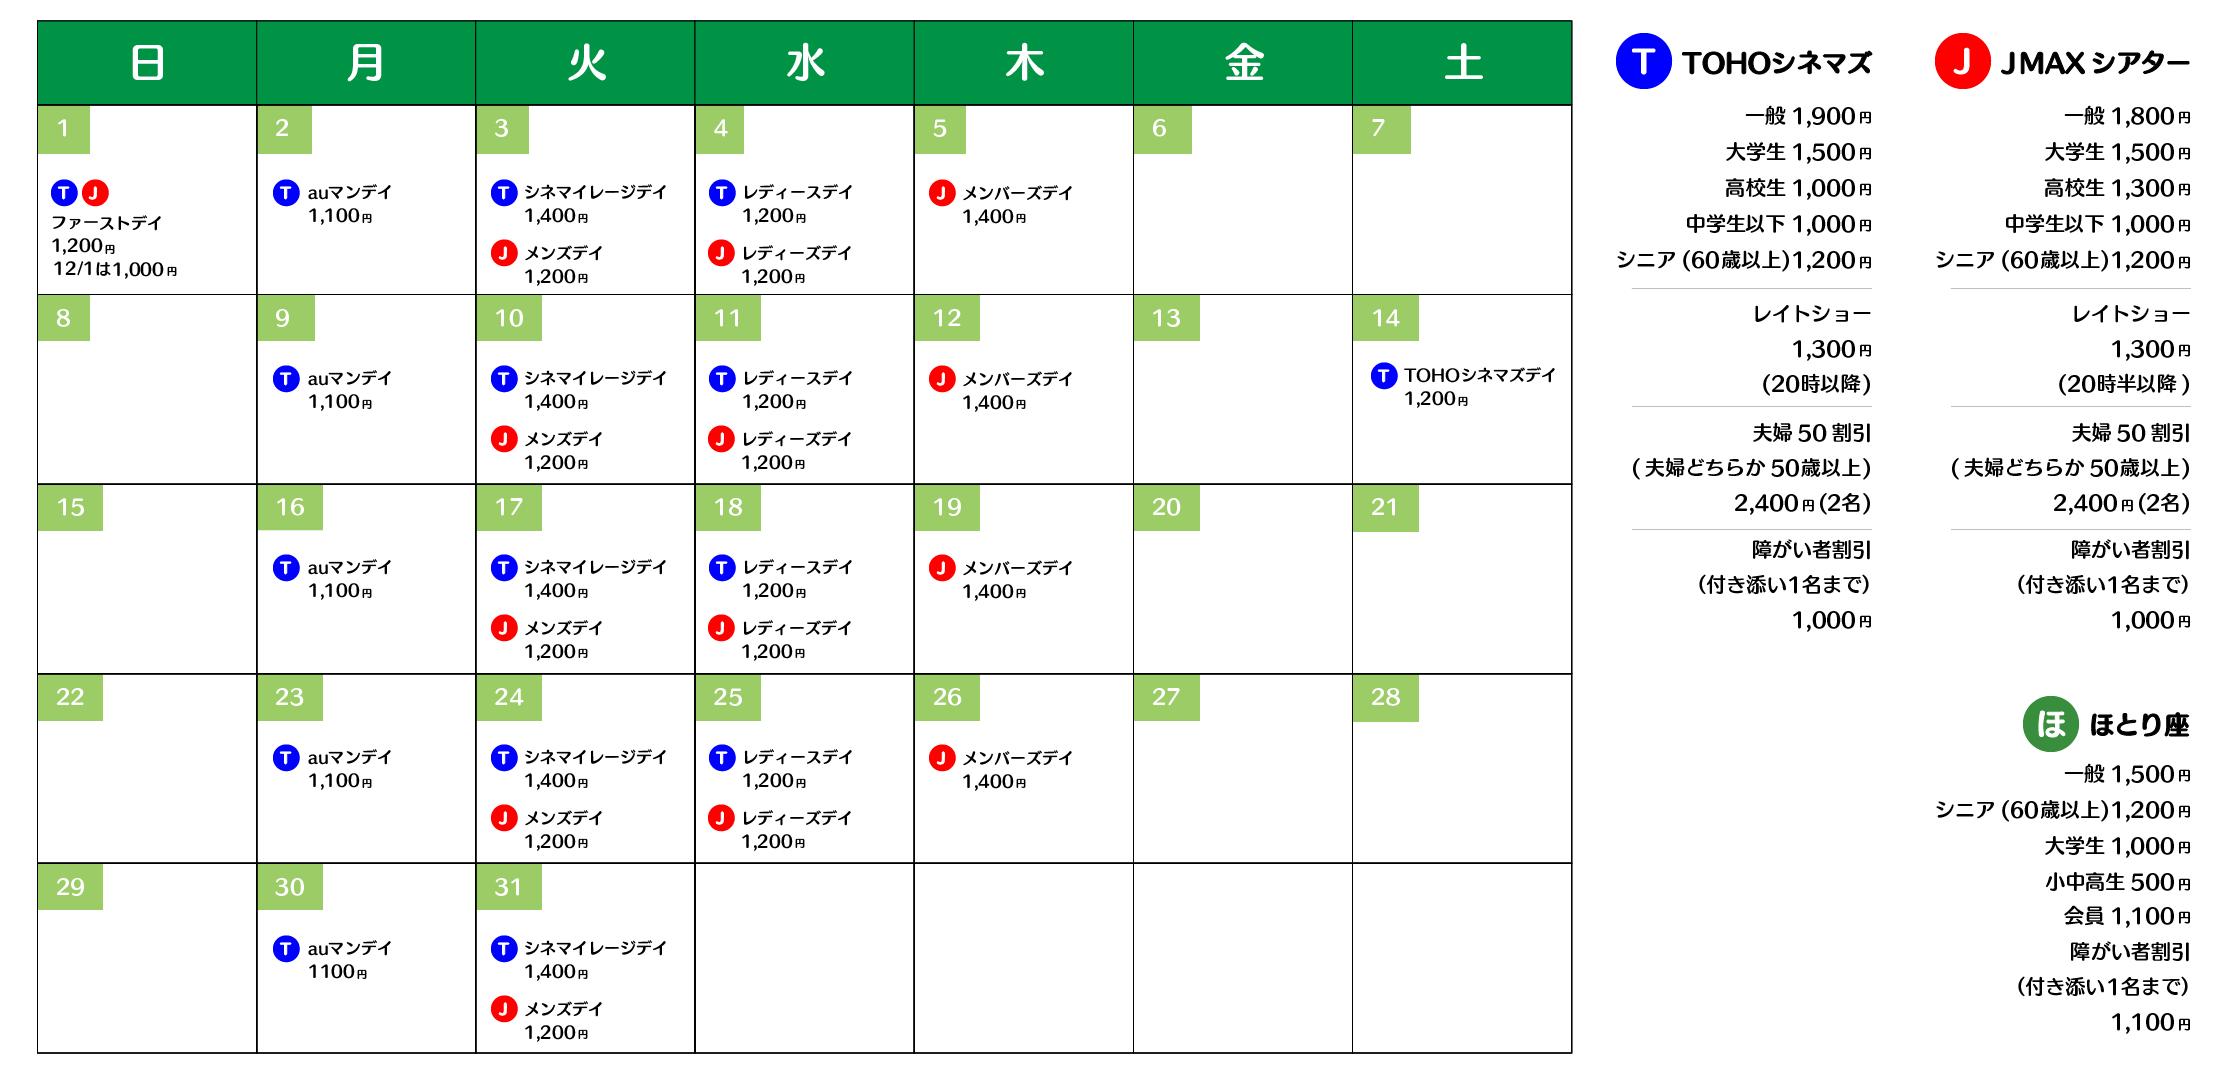 富山県の映画館の割引料金一覧カレンダー(2019年7月更新)